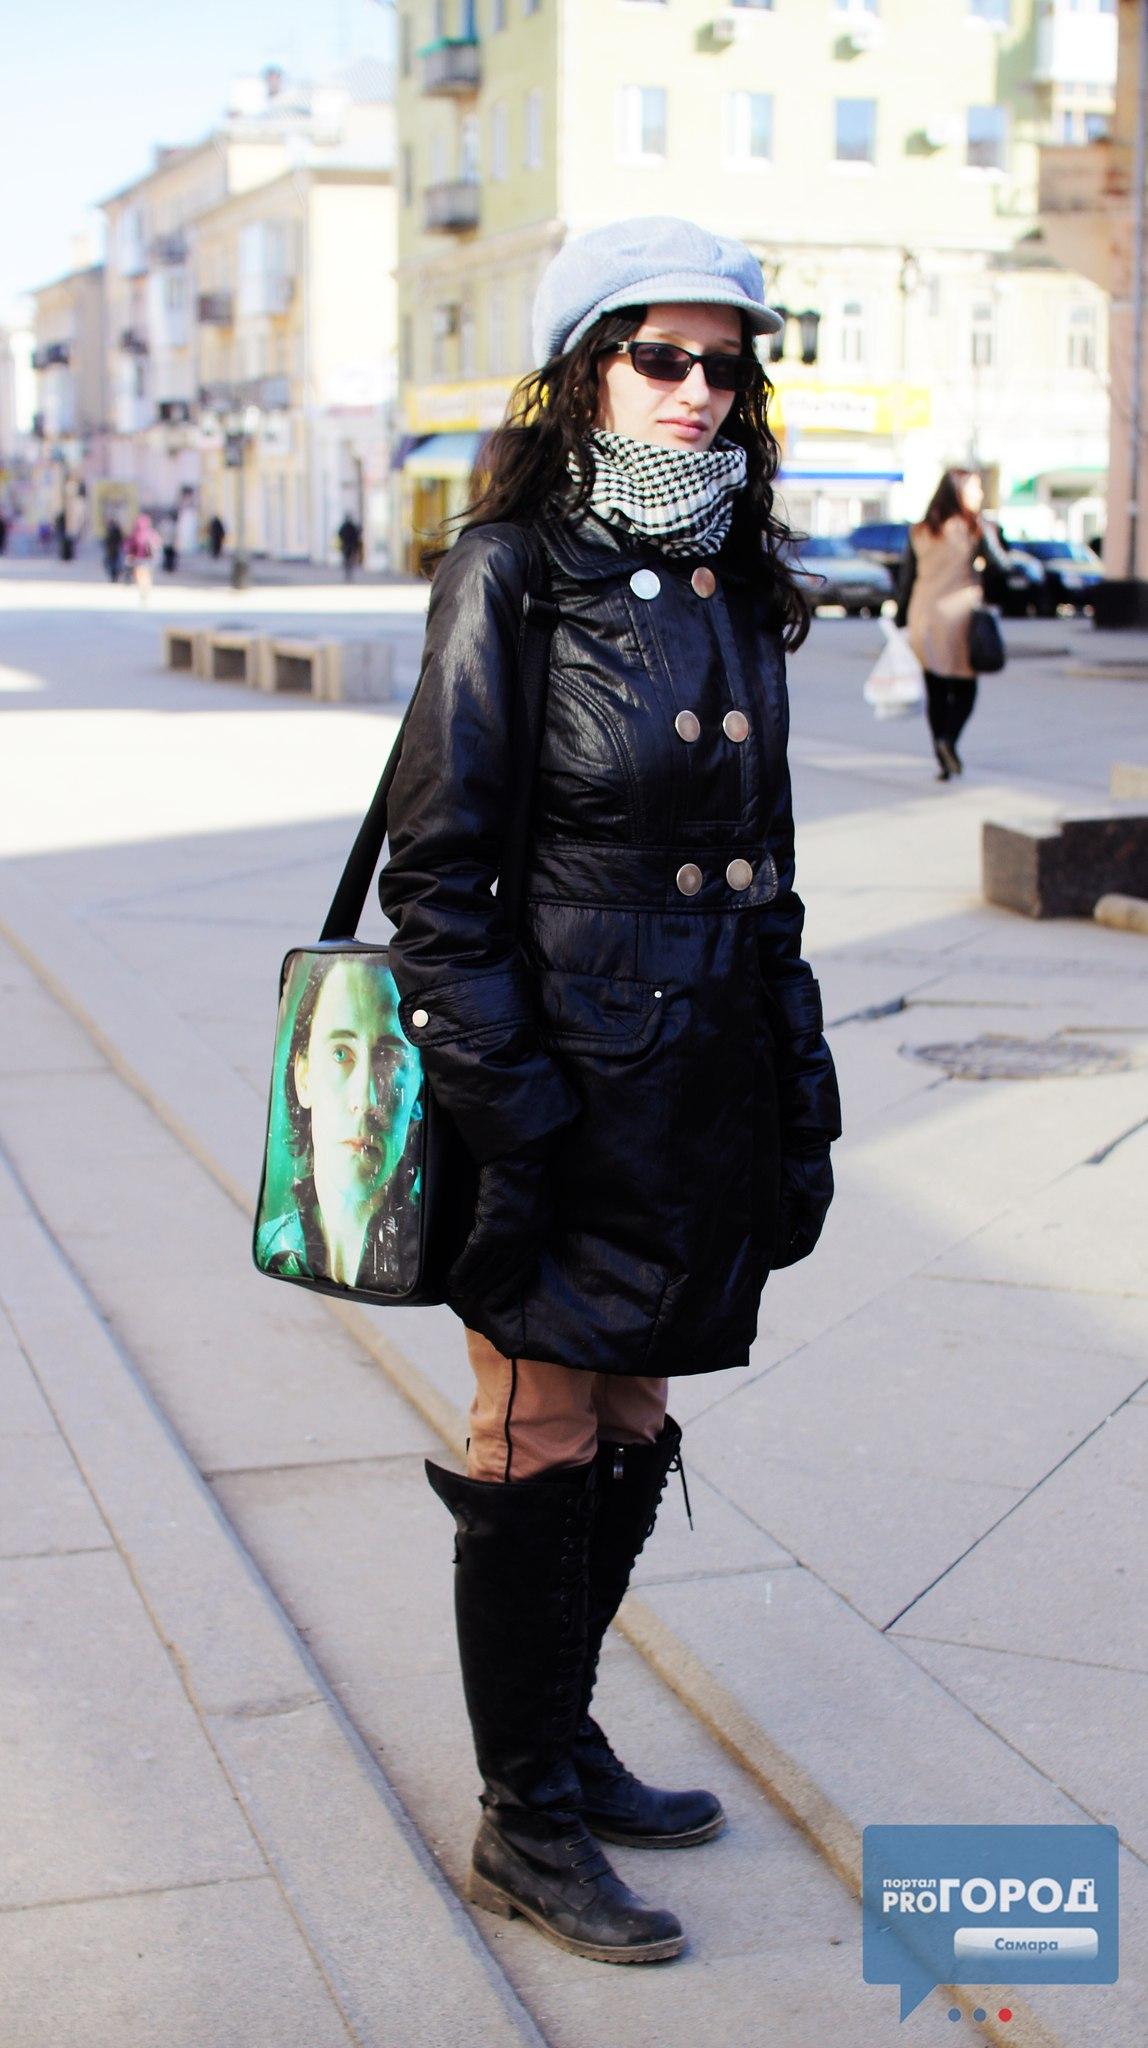 Мода деловой стиль Самара